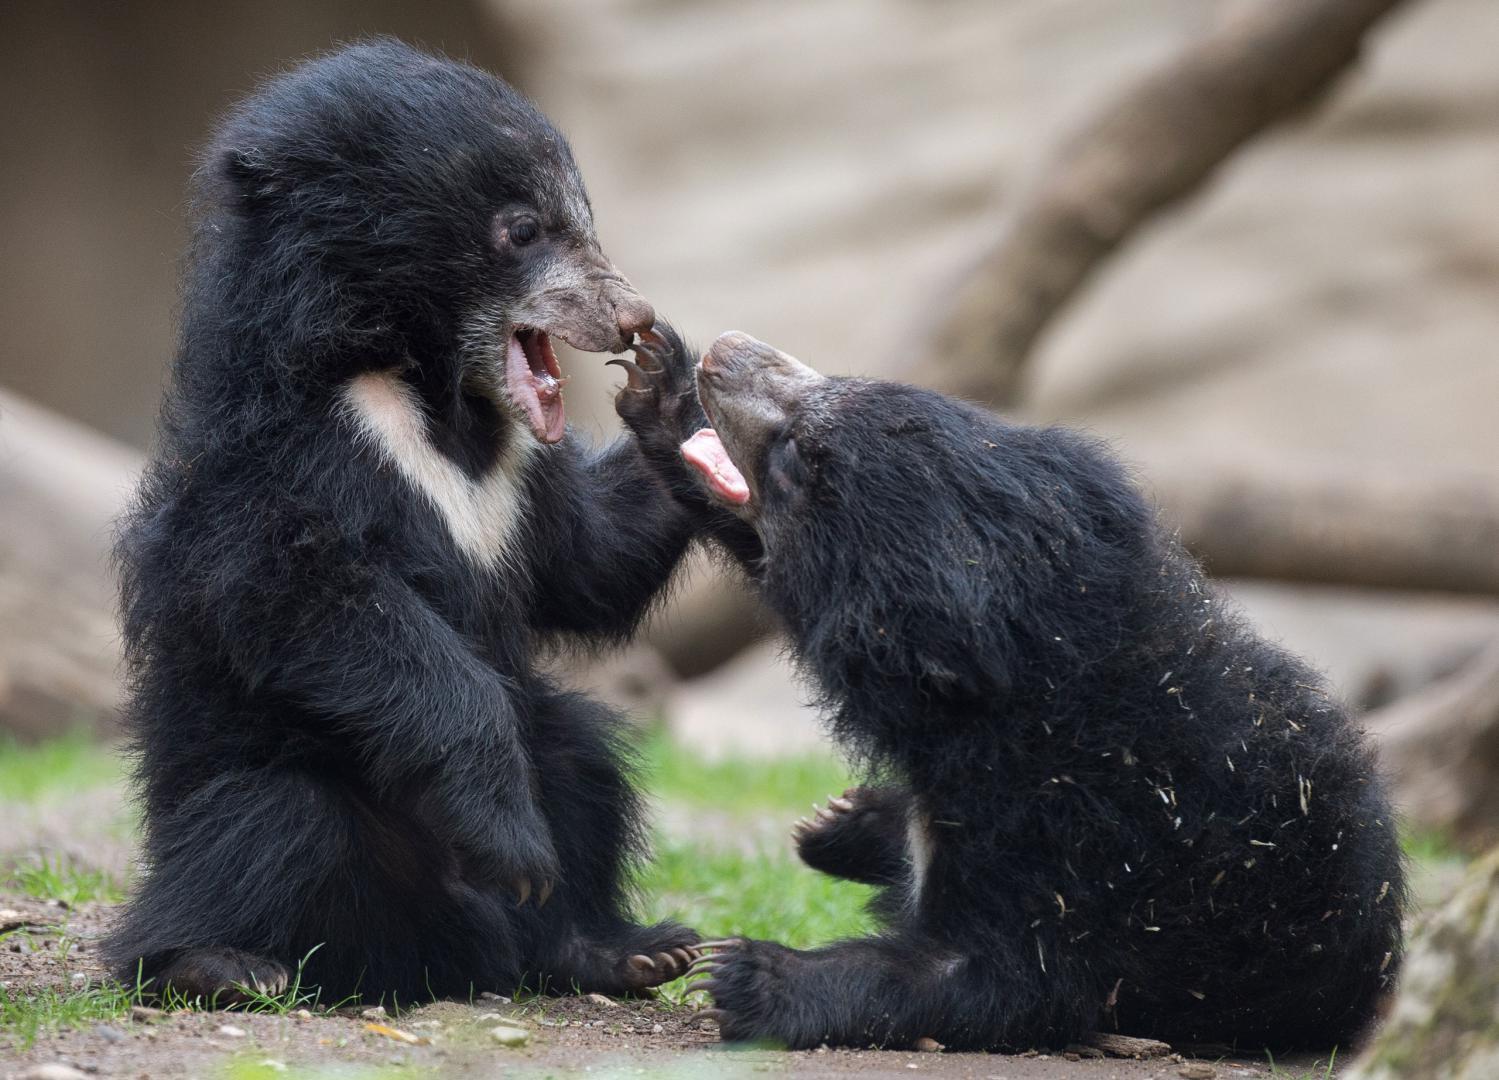 Fotos de Animais incríveis e surpreendentes tiradas na hora certa